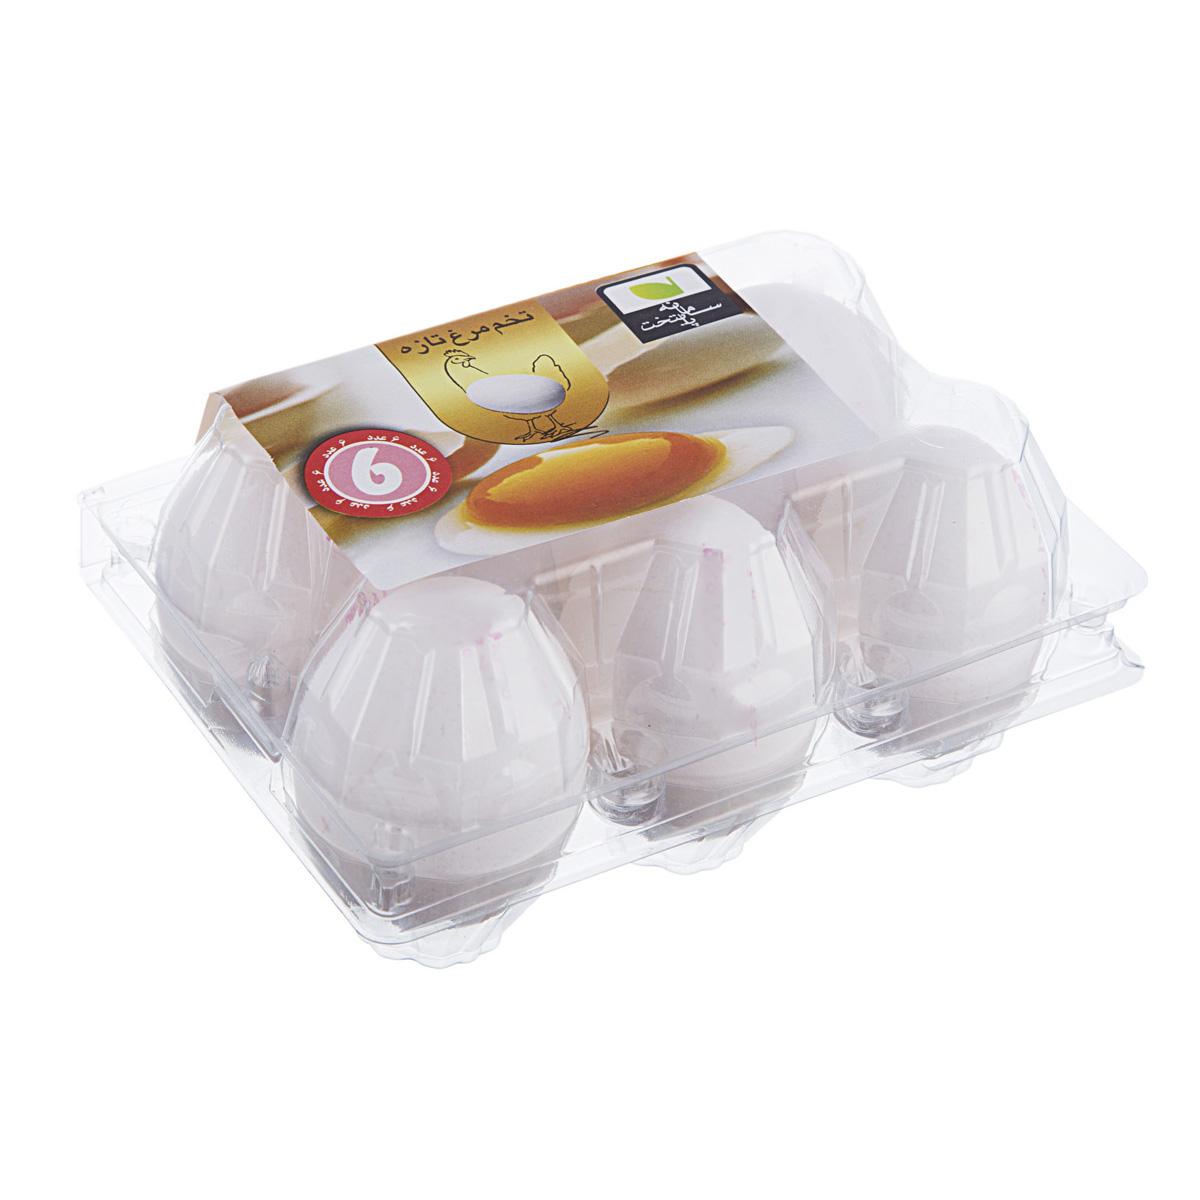 تخم مرغ 6 عددی یگانه